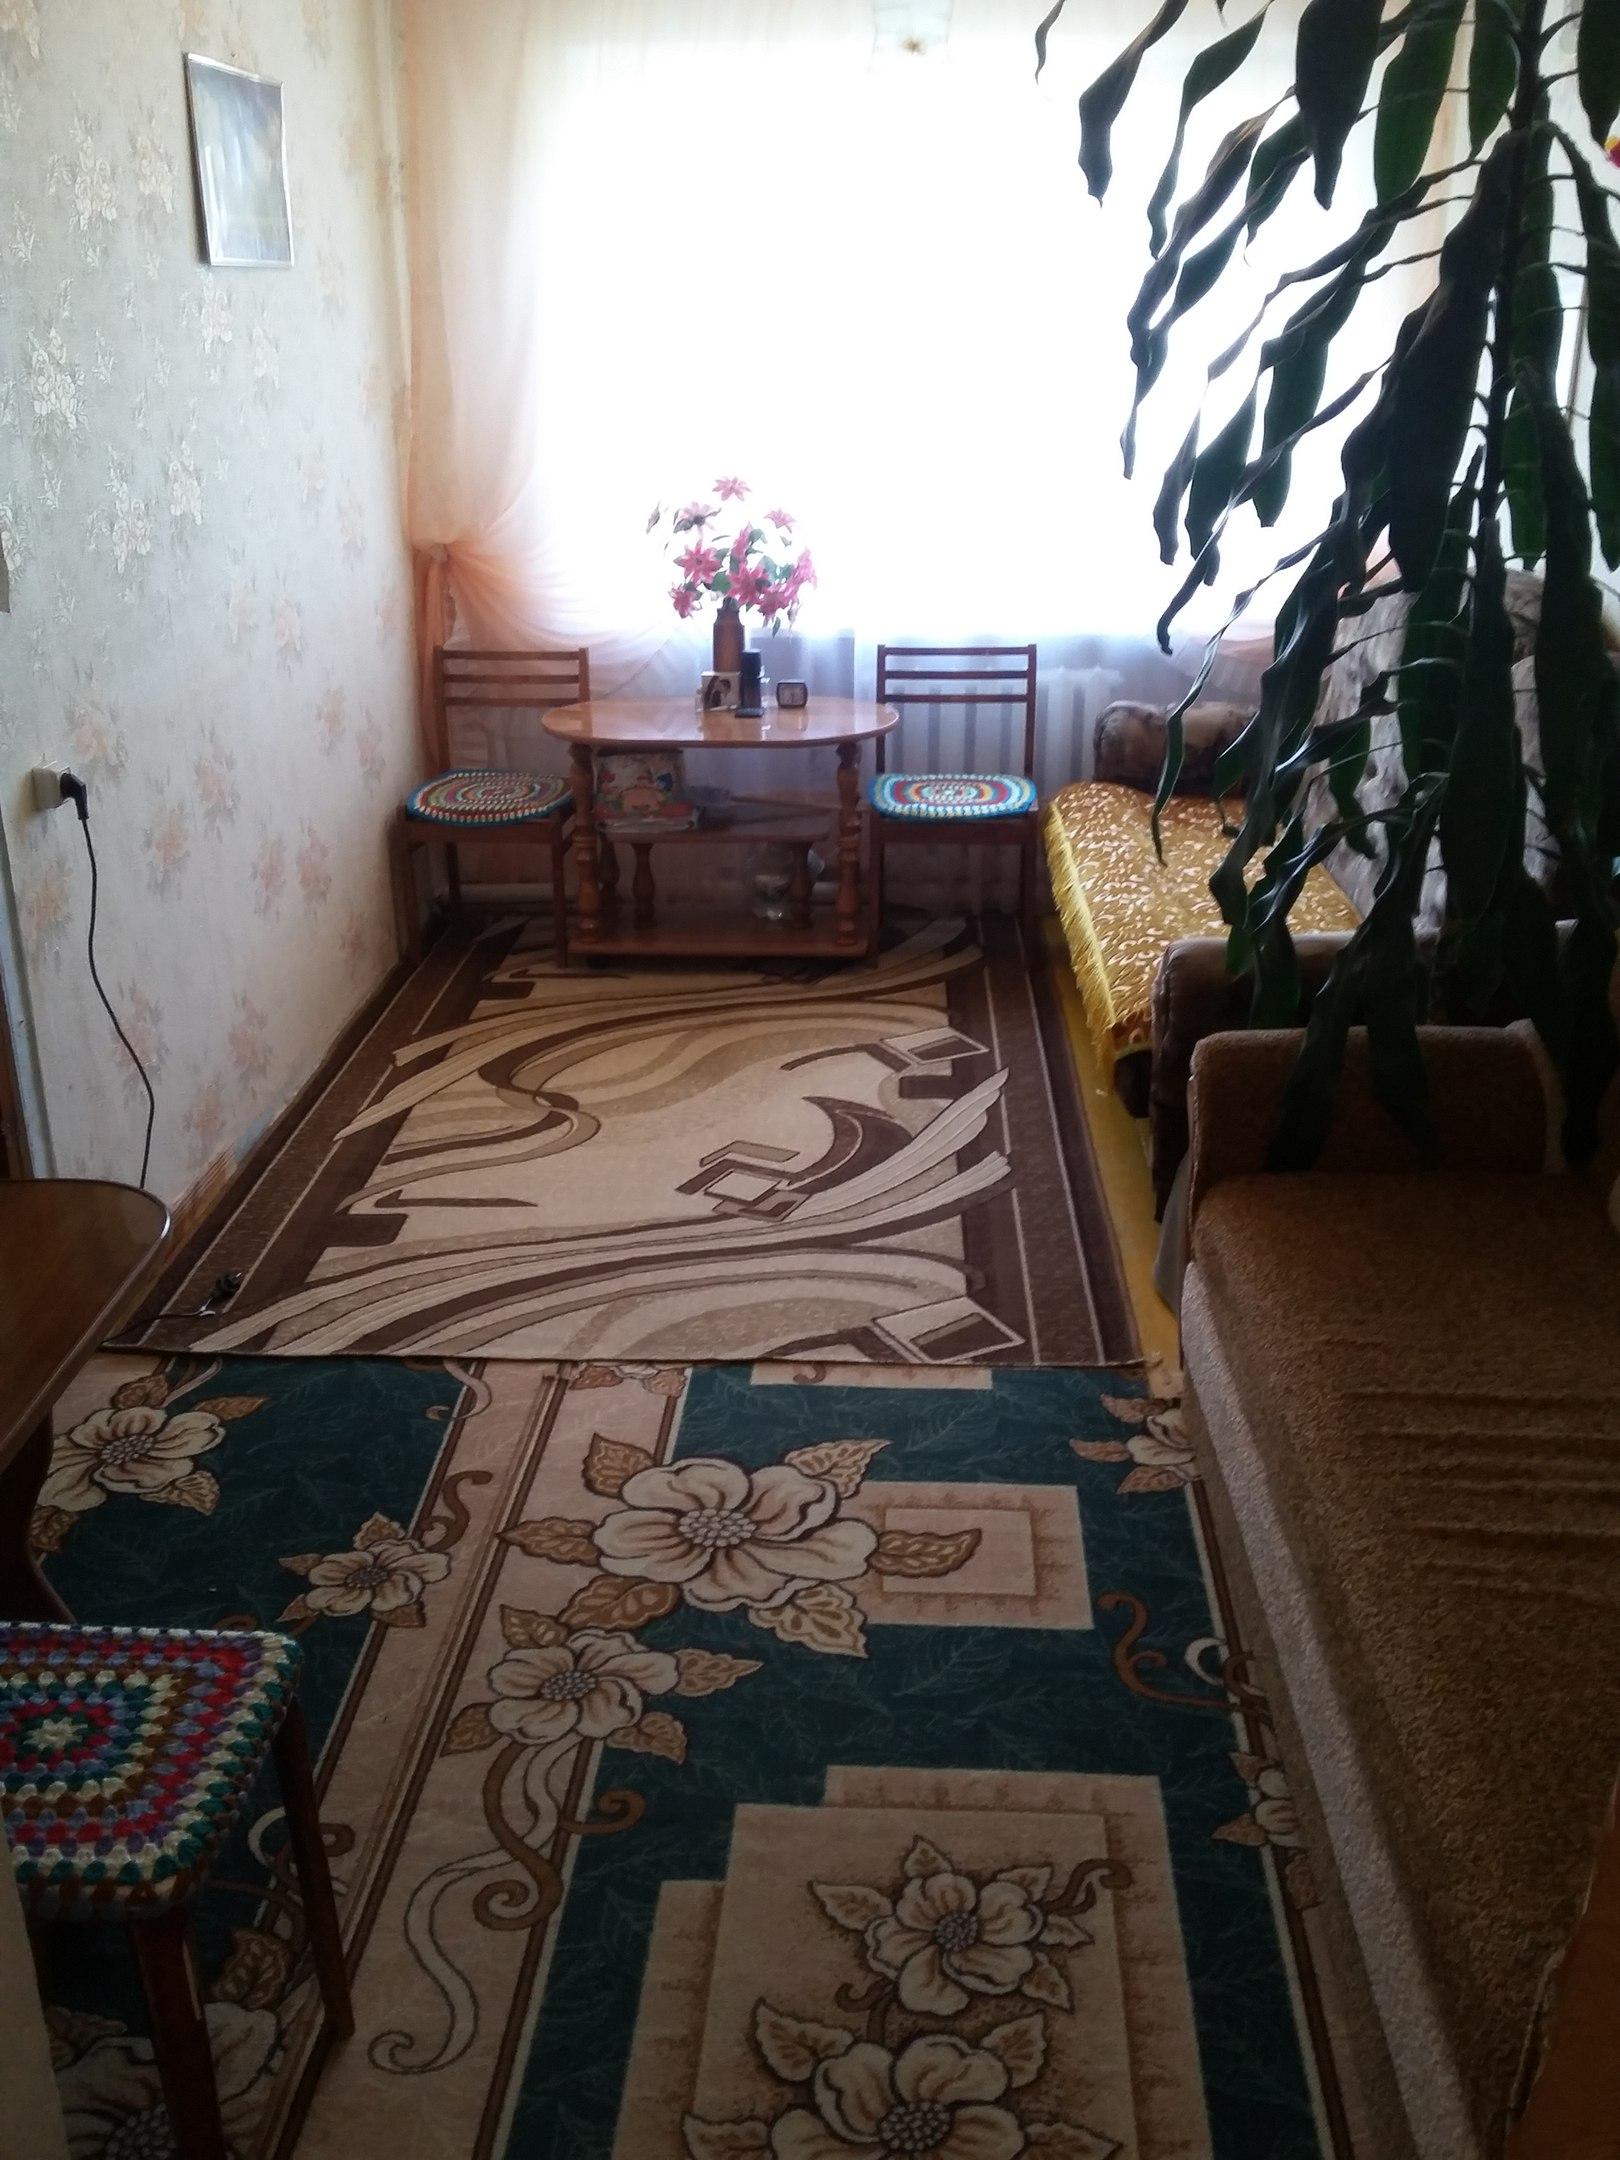 Продаются 2 смежные комнаты (переделанные под квартиру) в Дюртюлинском районе в с.